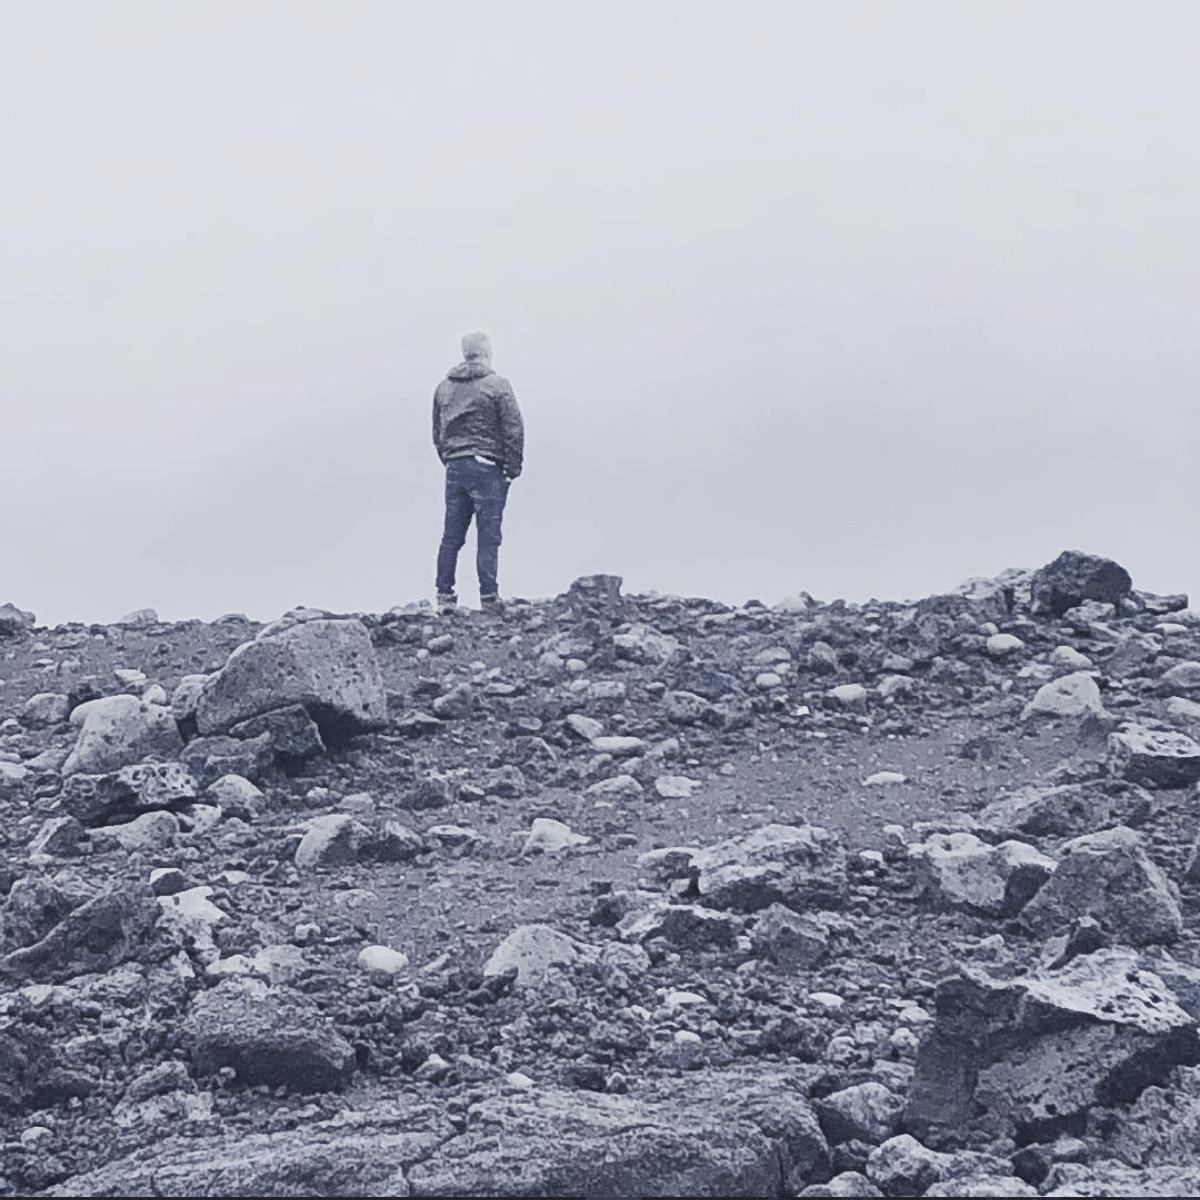 Uffe-Holm-Island - Skærmbillede-2018-05-19-kl.-20.11.38.png